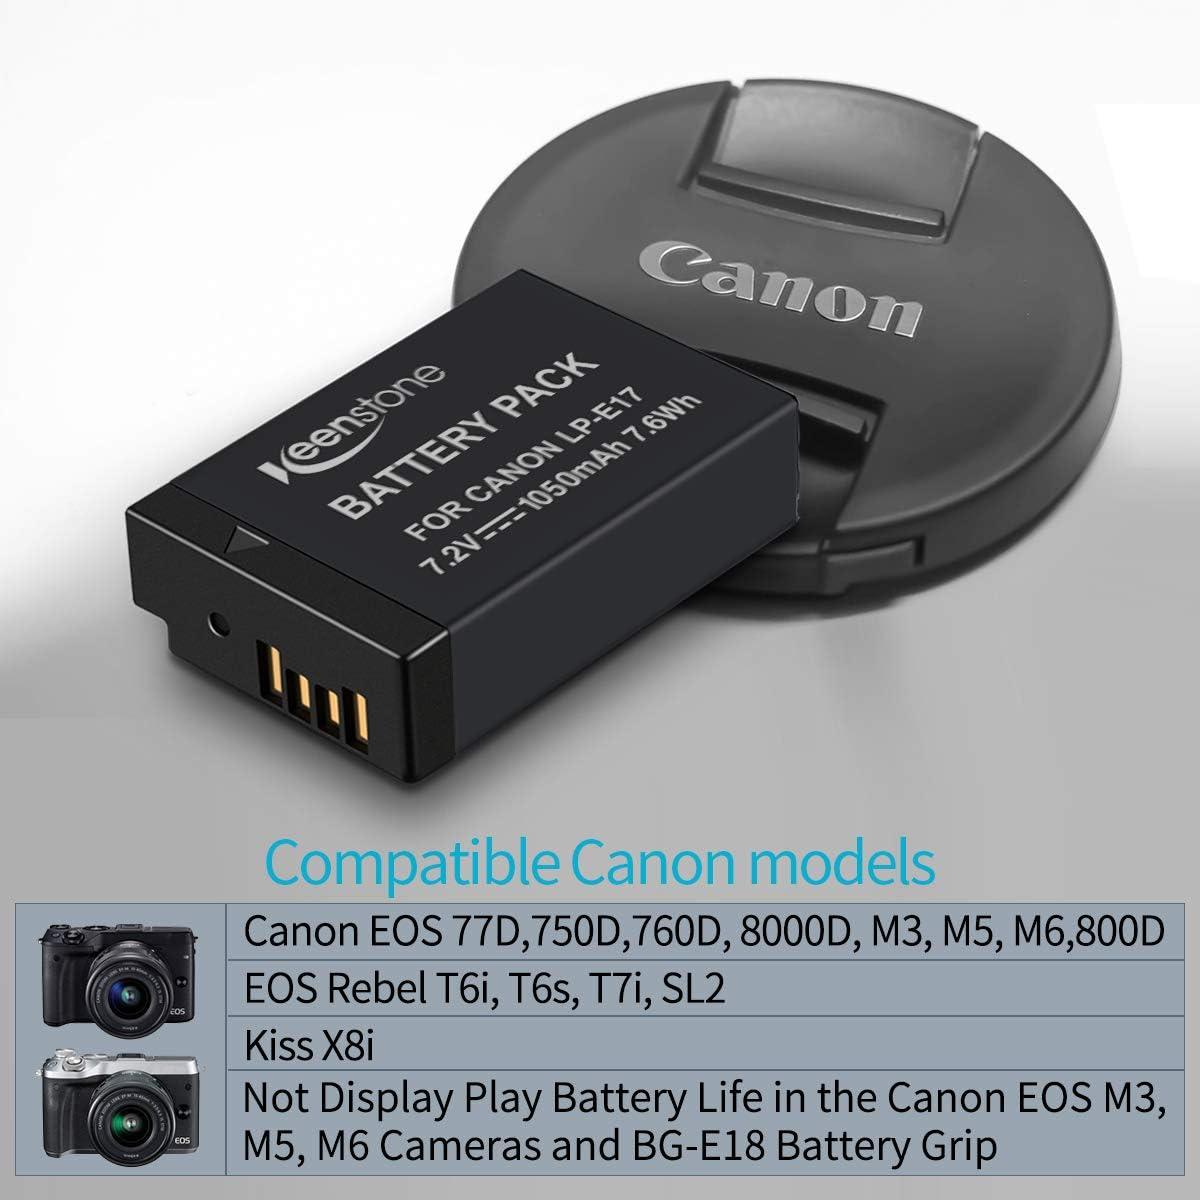 zu Canon 9967B002 Akku LP-E17 Li-Ion 1050mAh mit Restlaufanzeige f/ür Canon EOS 200D 250D 77D 800D 750D 760D Akku f/ür Canon M5 // Canon M6 // Canon RP ohne Restlaufanzeige Ladeger/ät LP-E17 komp